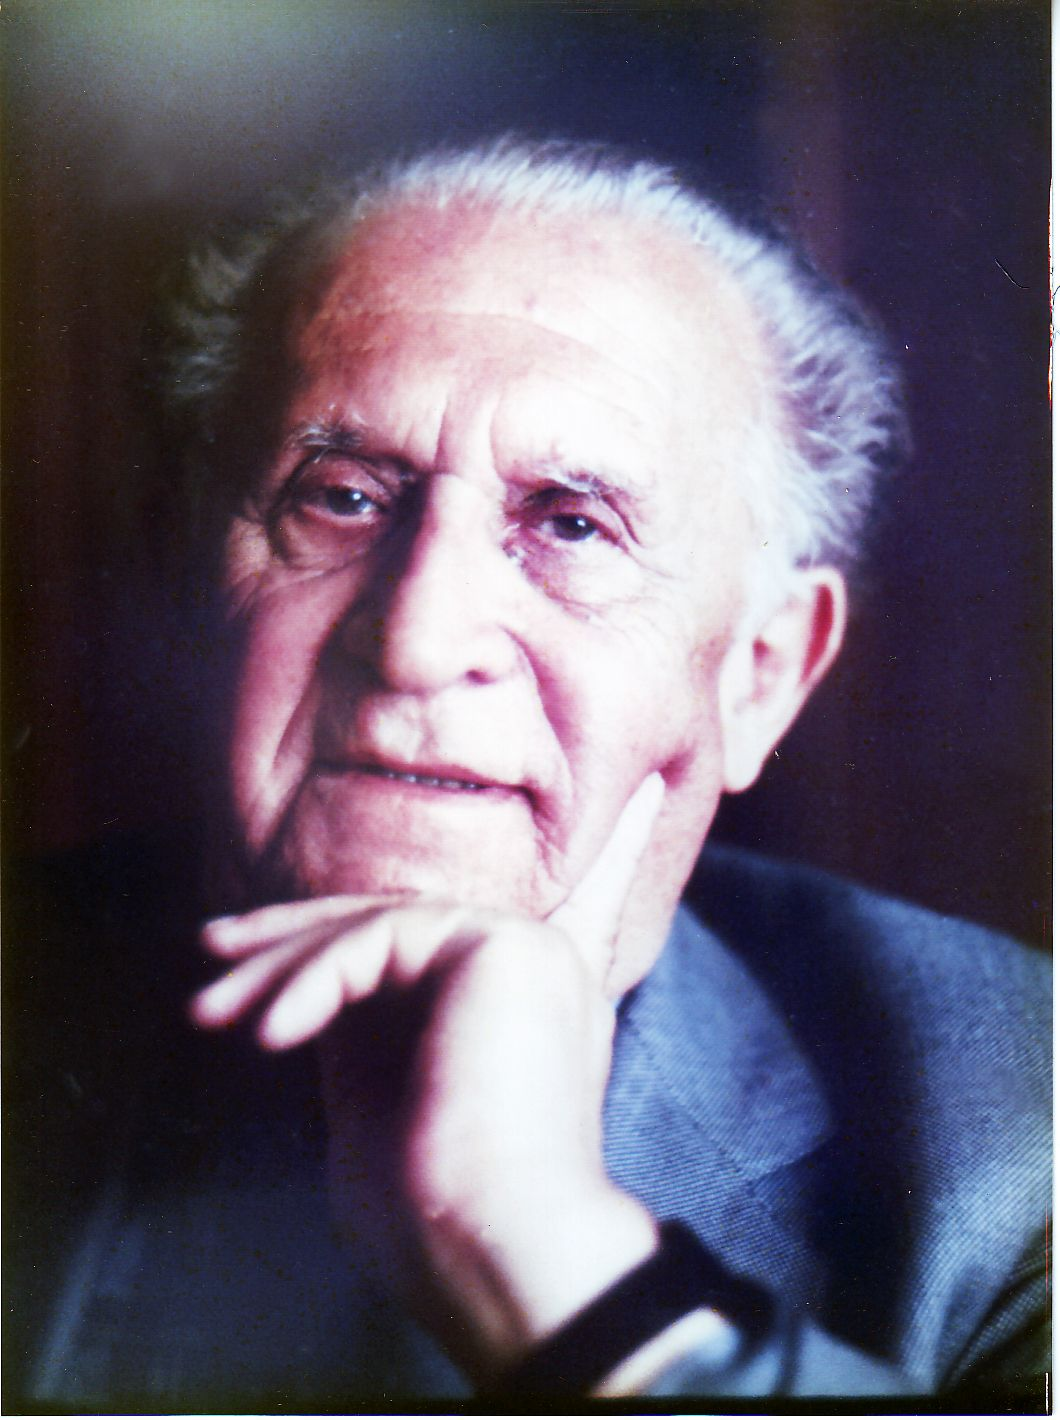 Kulka in 1993